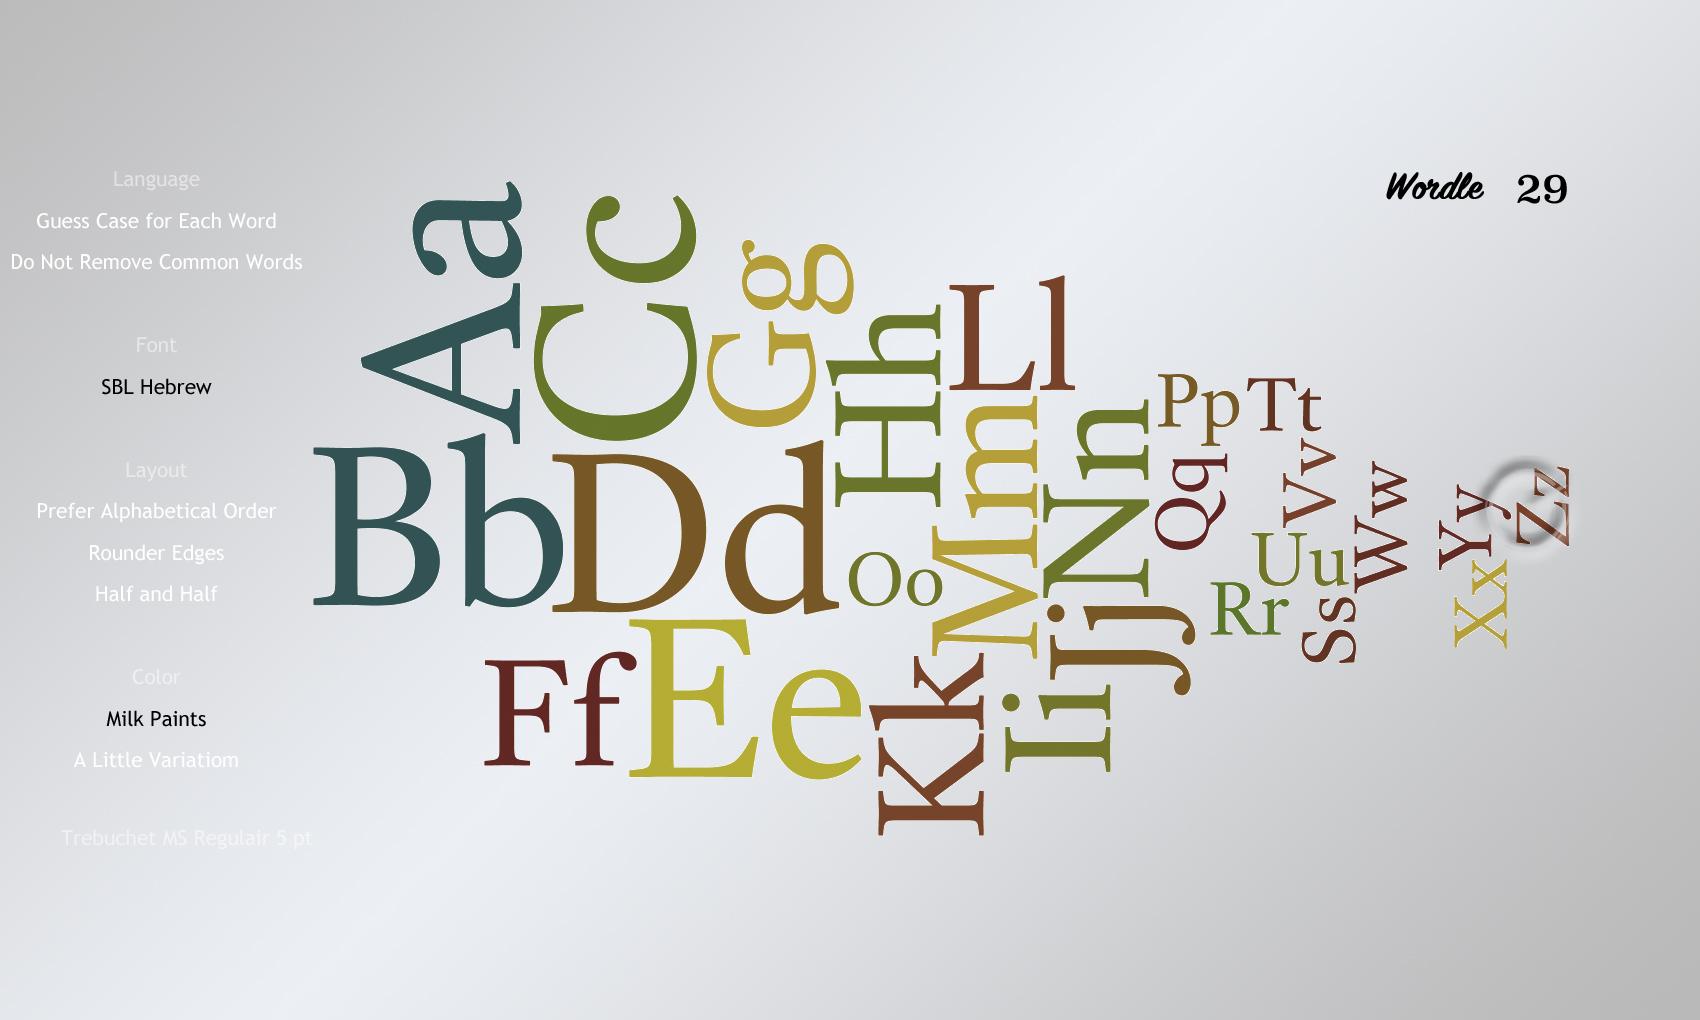 Wordle29 SBL Hebrew